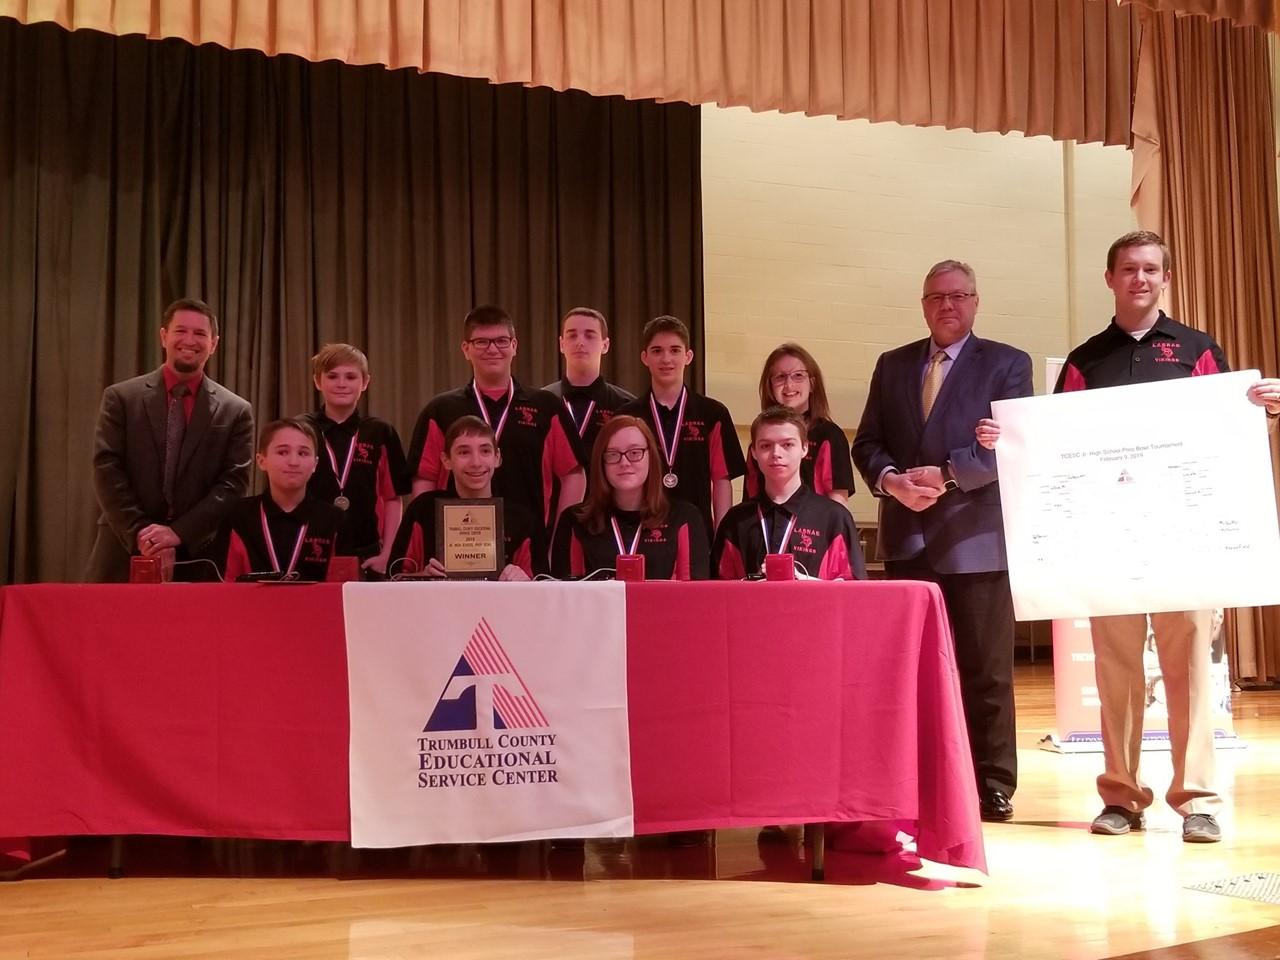 LaBrae Middle School wins TCESC Jr. High Prep Bowl